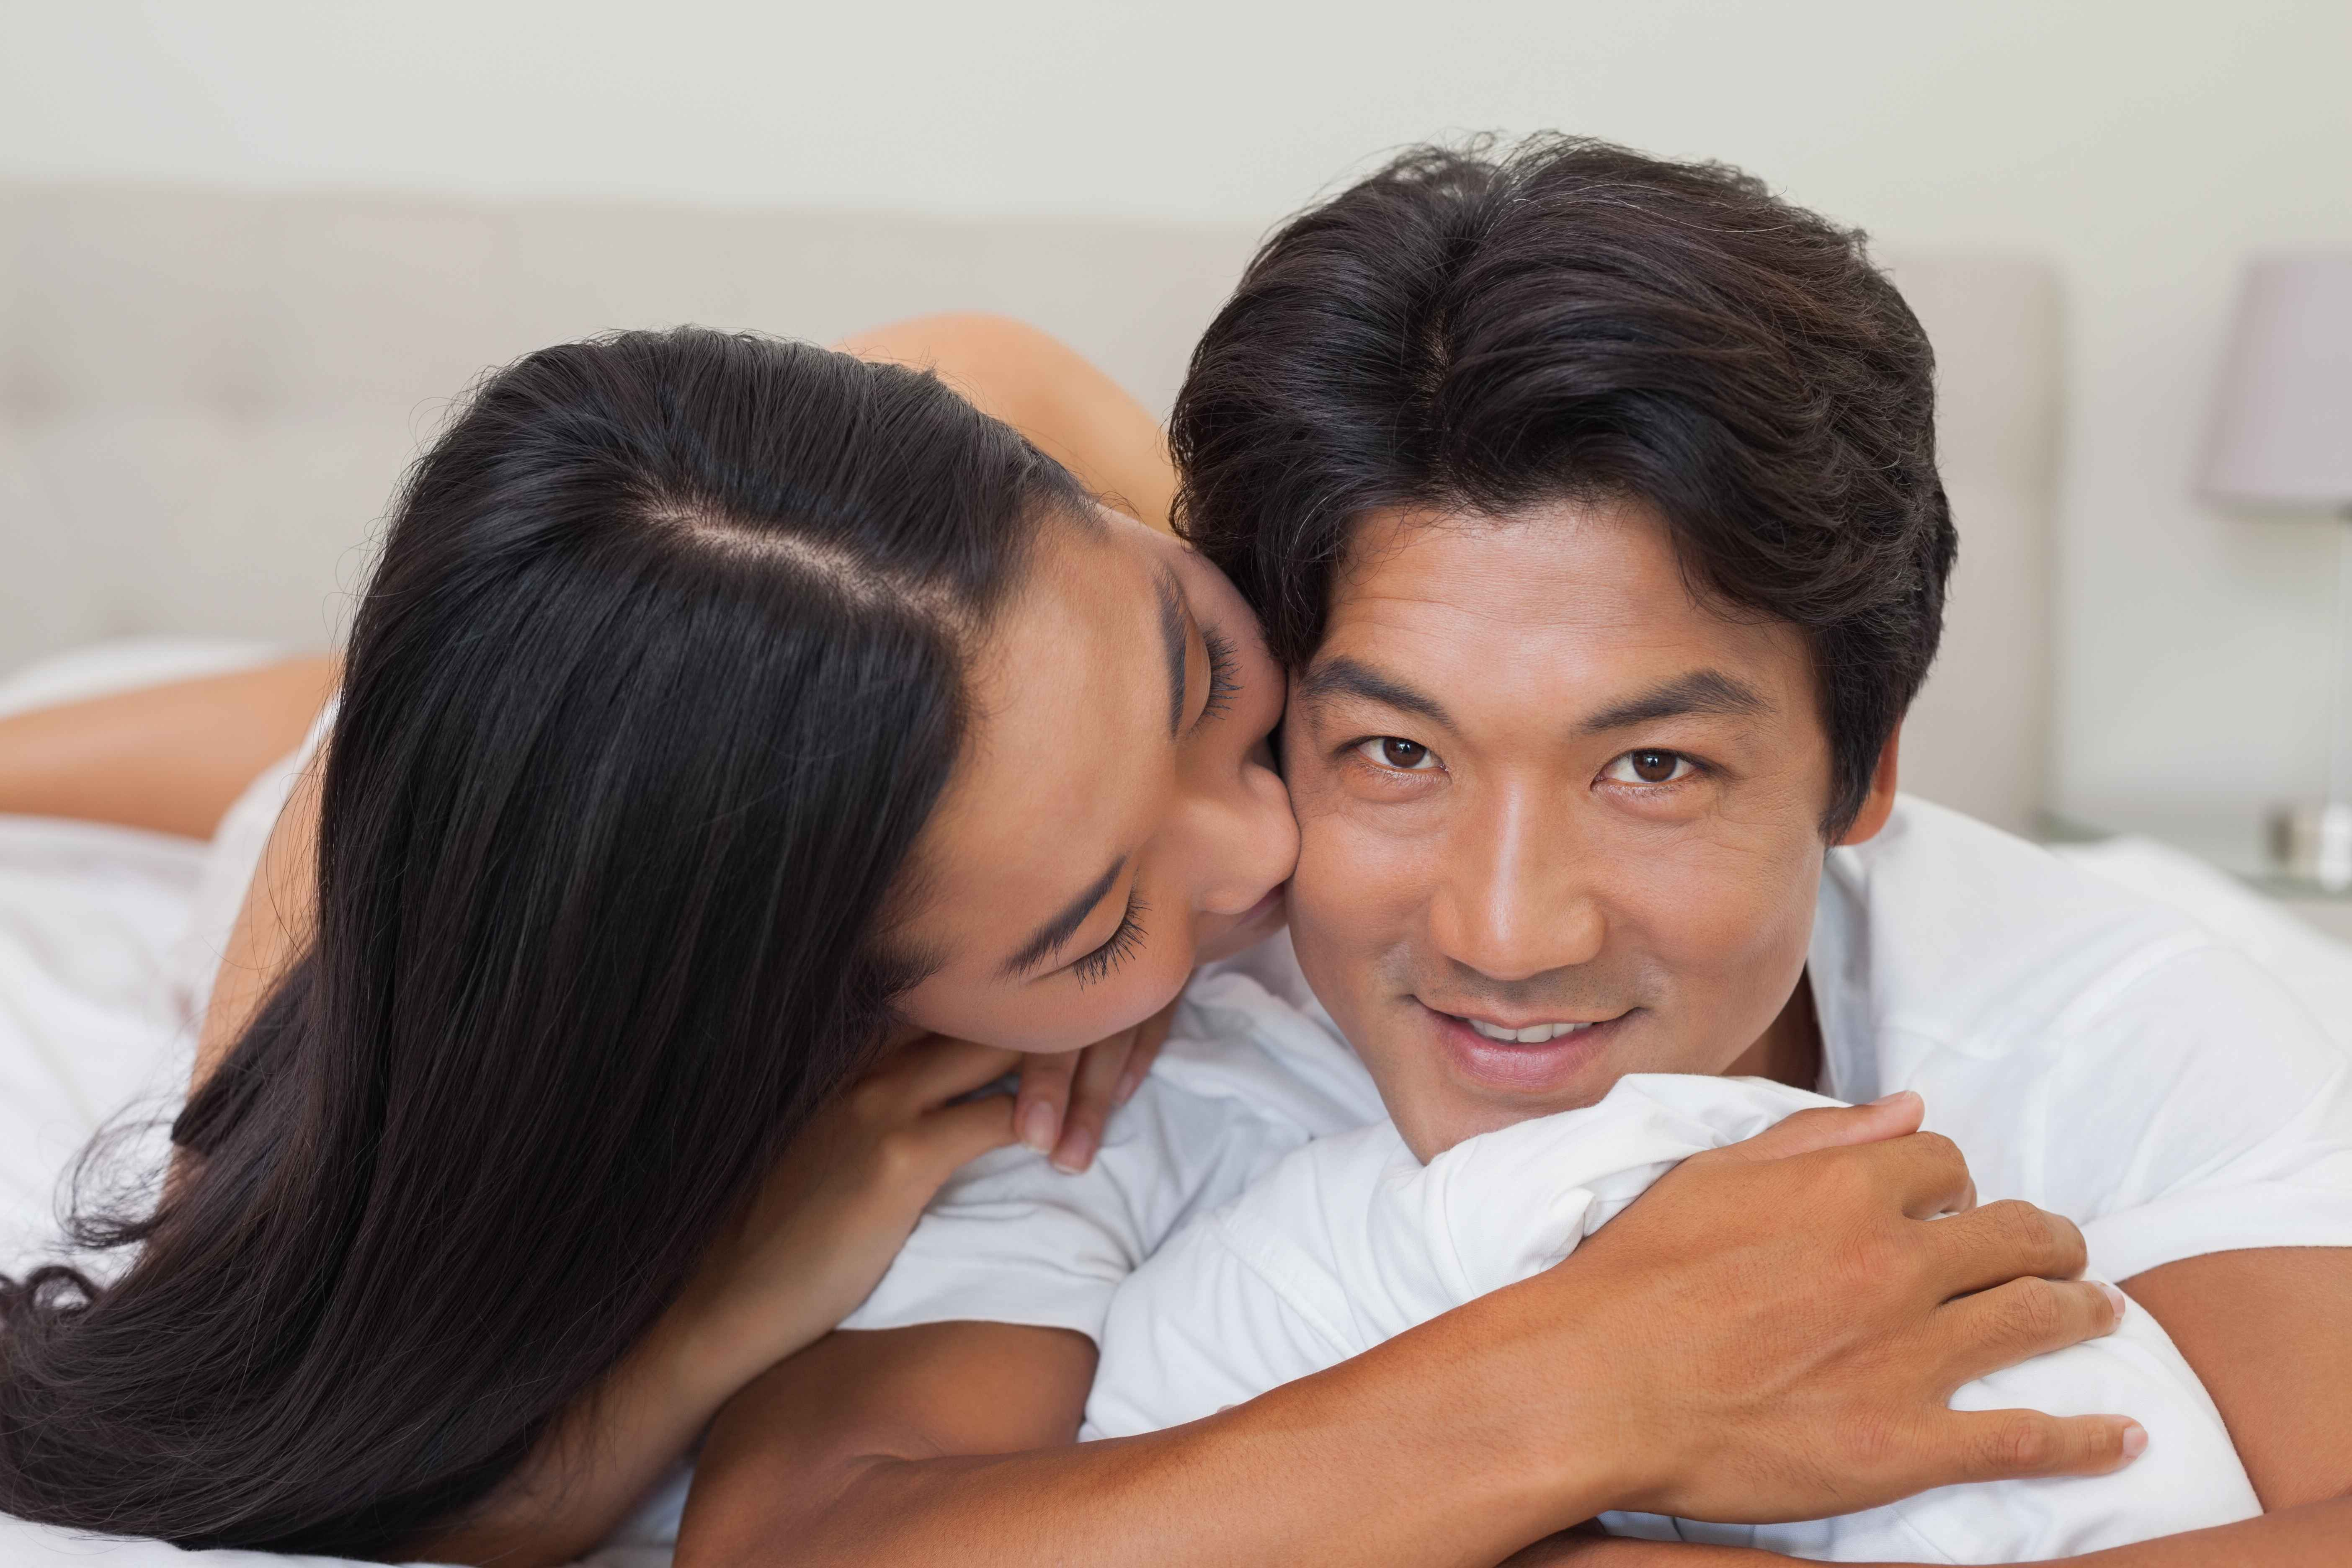 夫妻一周到达这个次数,怀孕几率可提高好几倍!